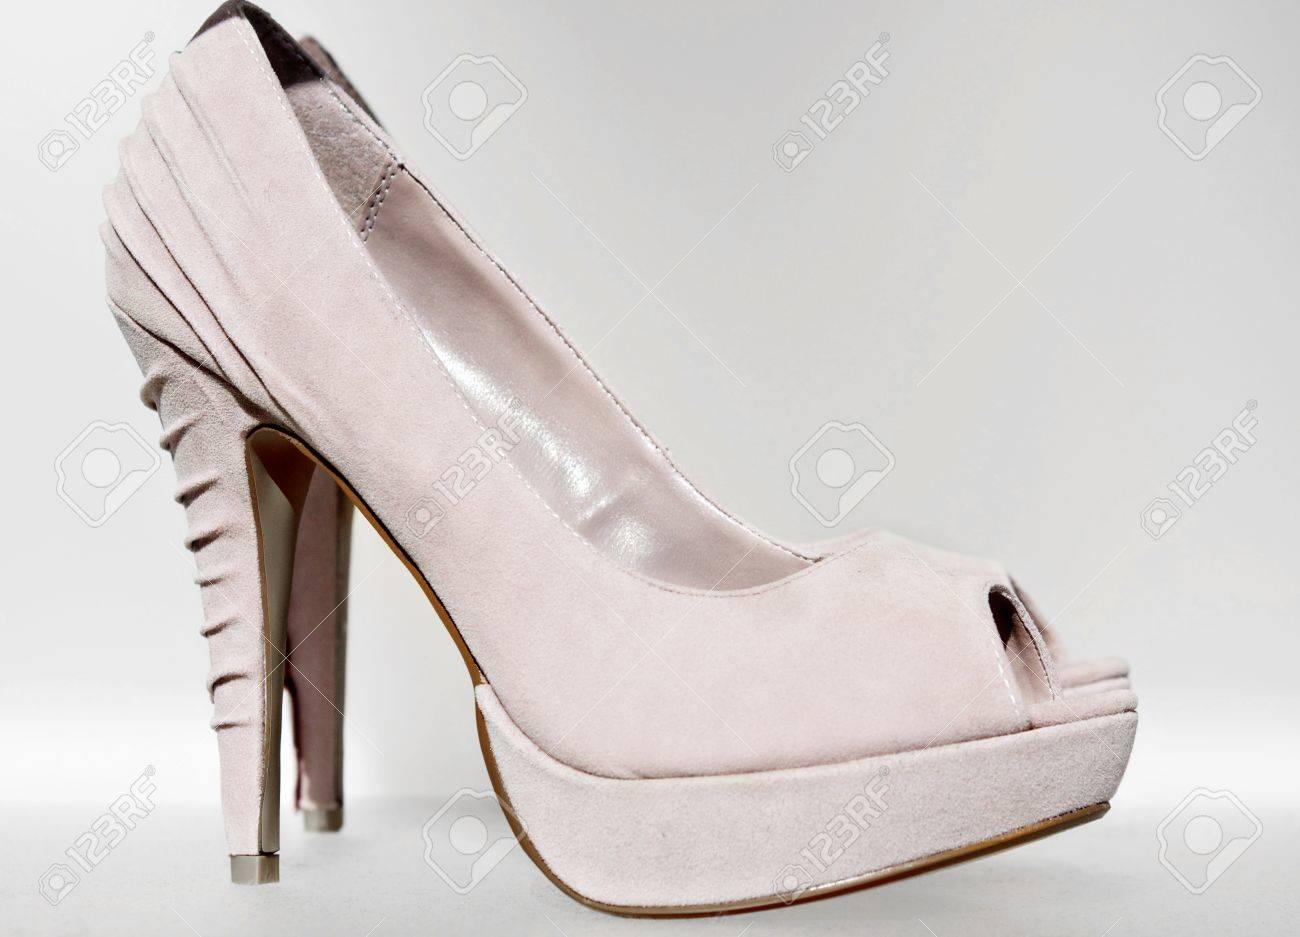 High Heel Ladies Shoes